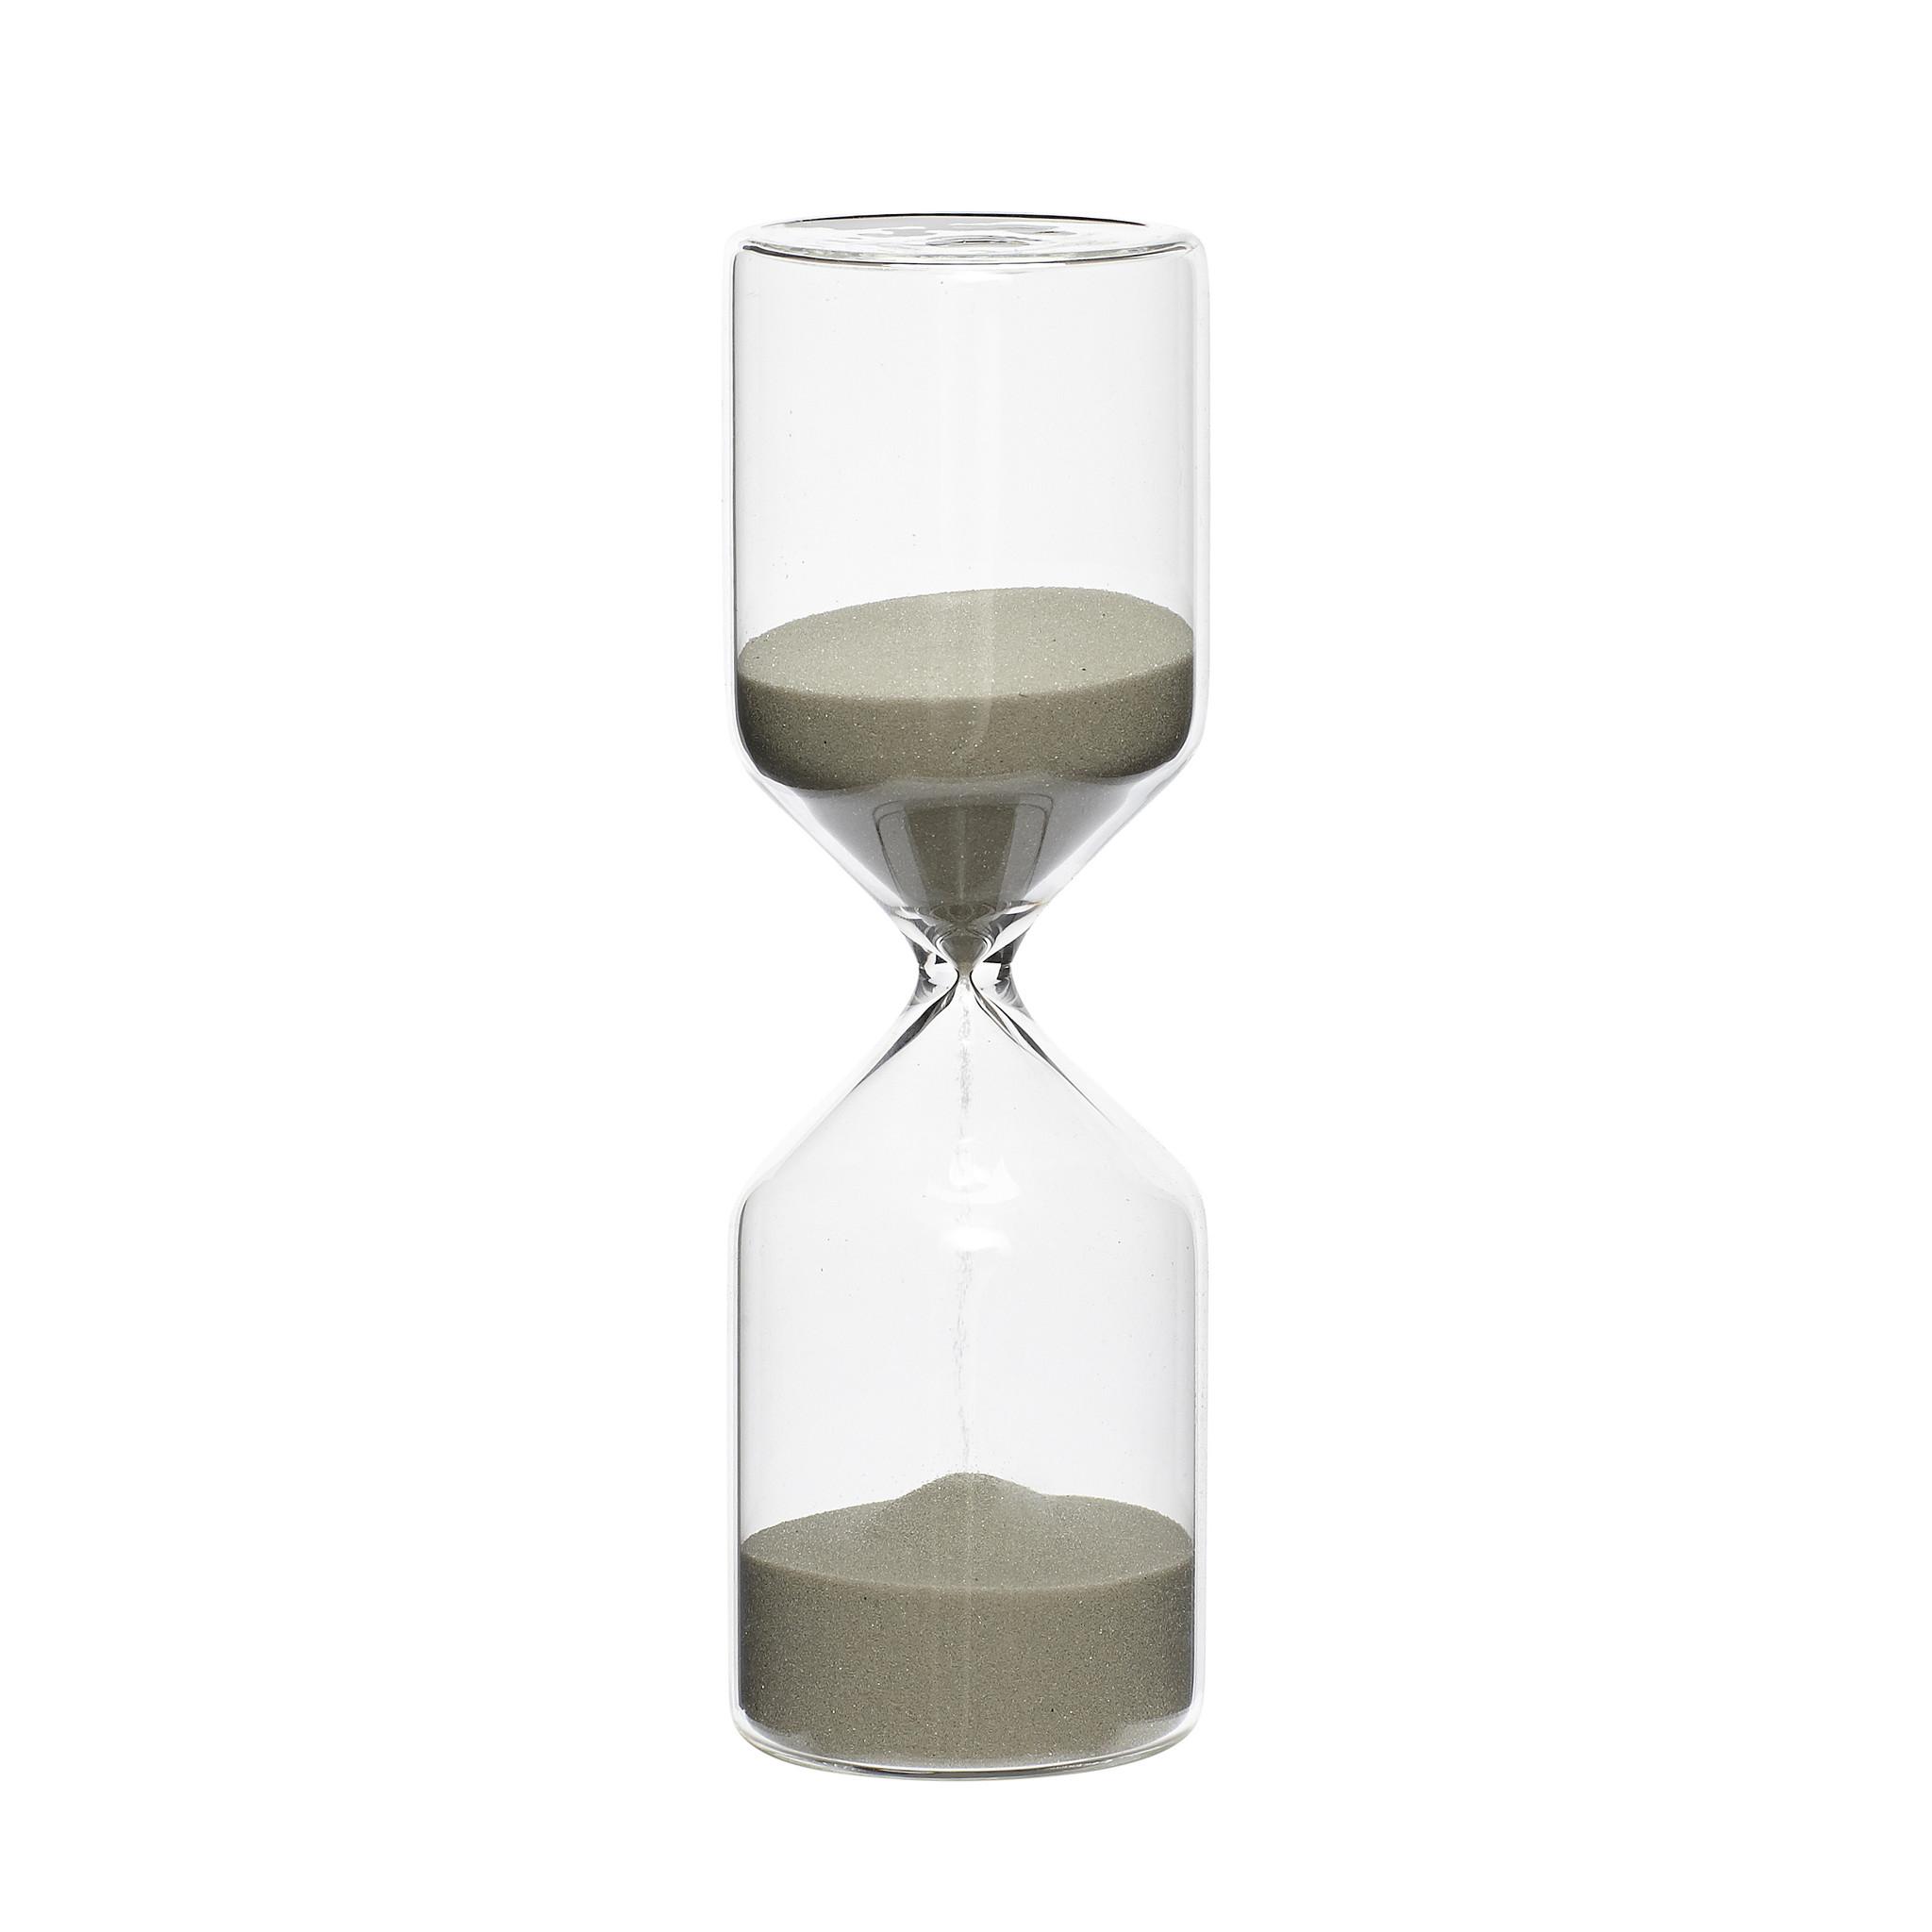 Hubsch Zandloper, 30 minuten, klein-649014-5712772042625